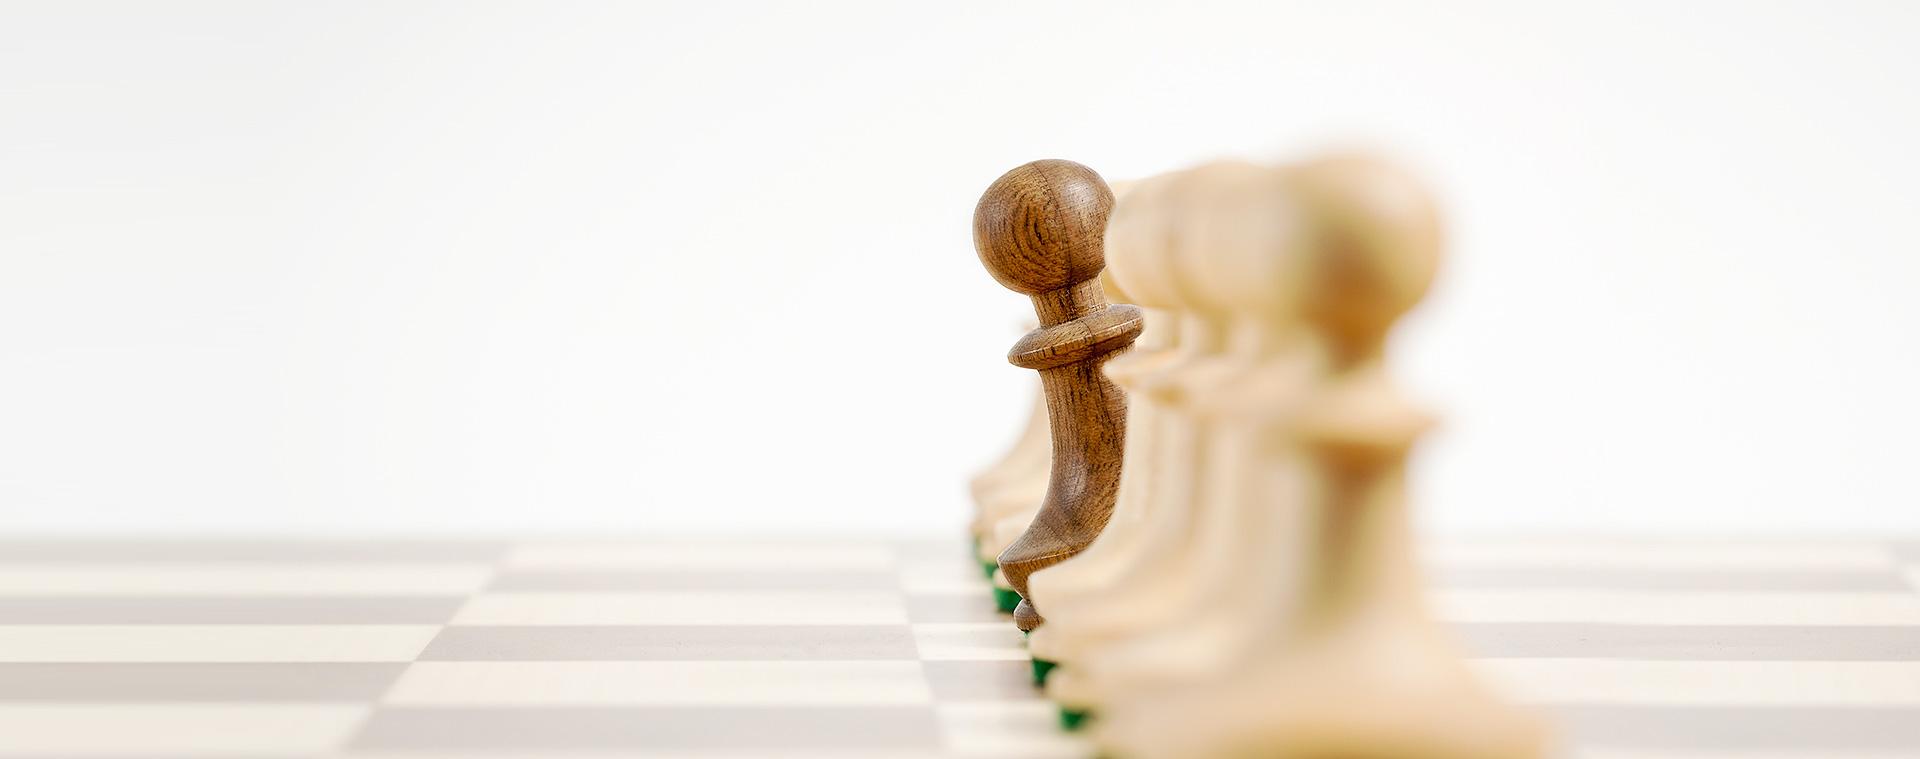 Schachbrett mit weißen Schachfiguren und einer hervorschauenden braunen Figur